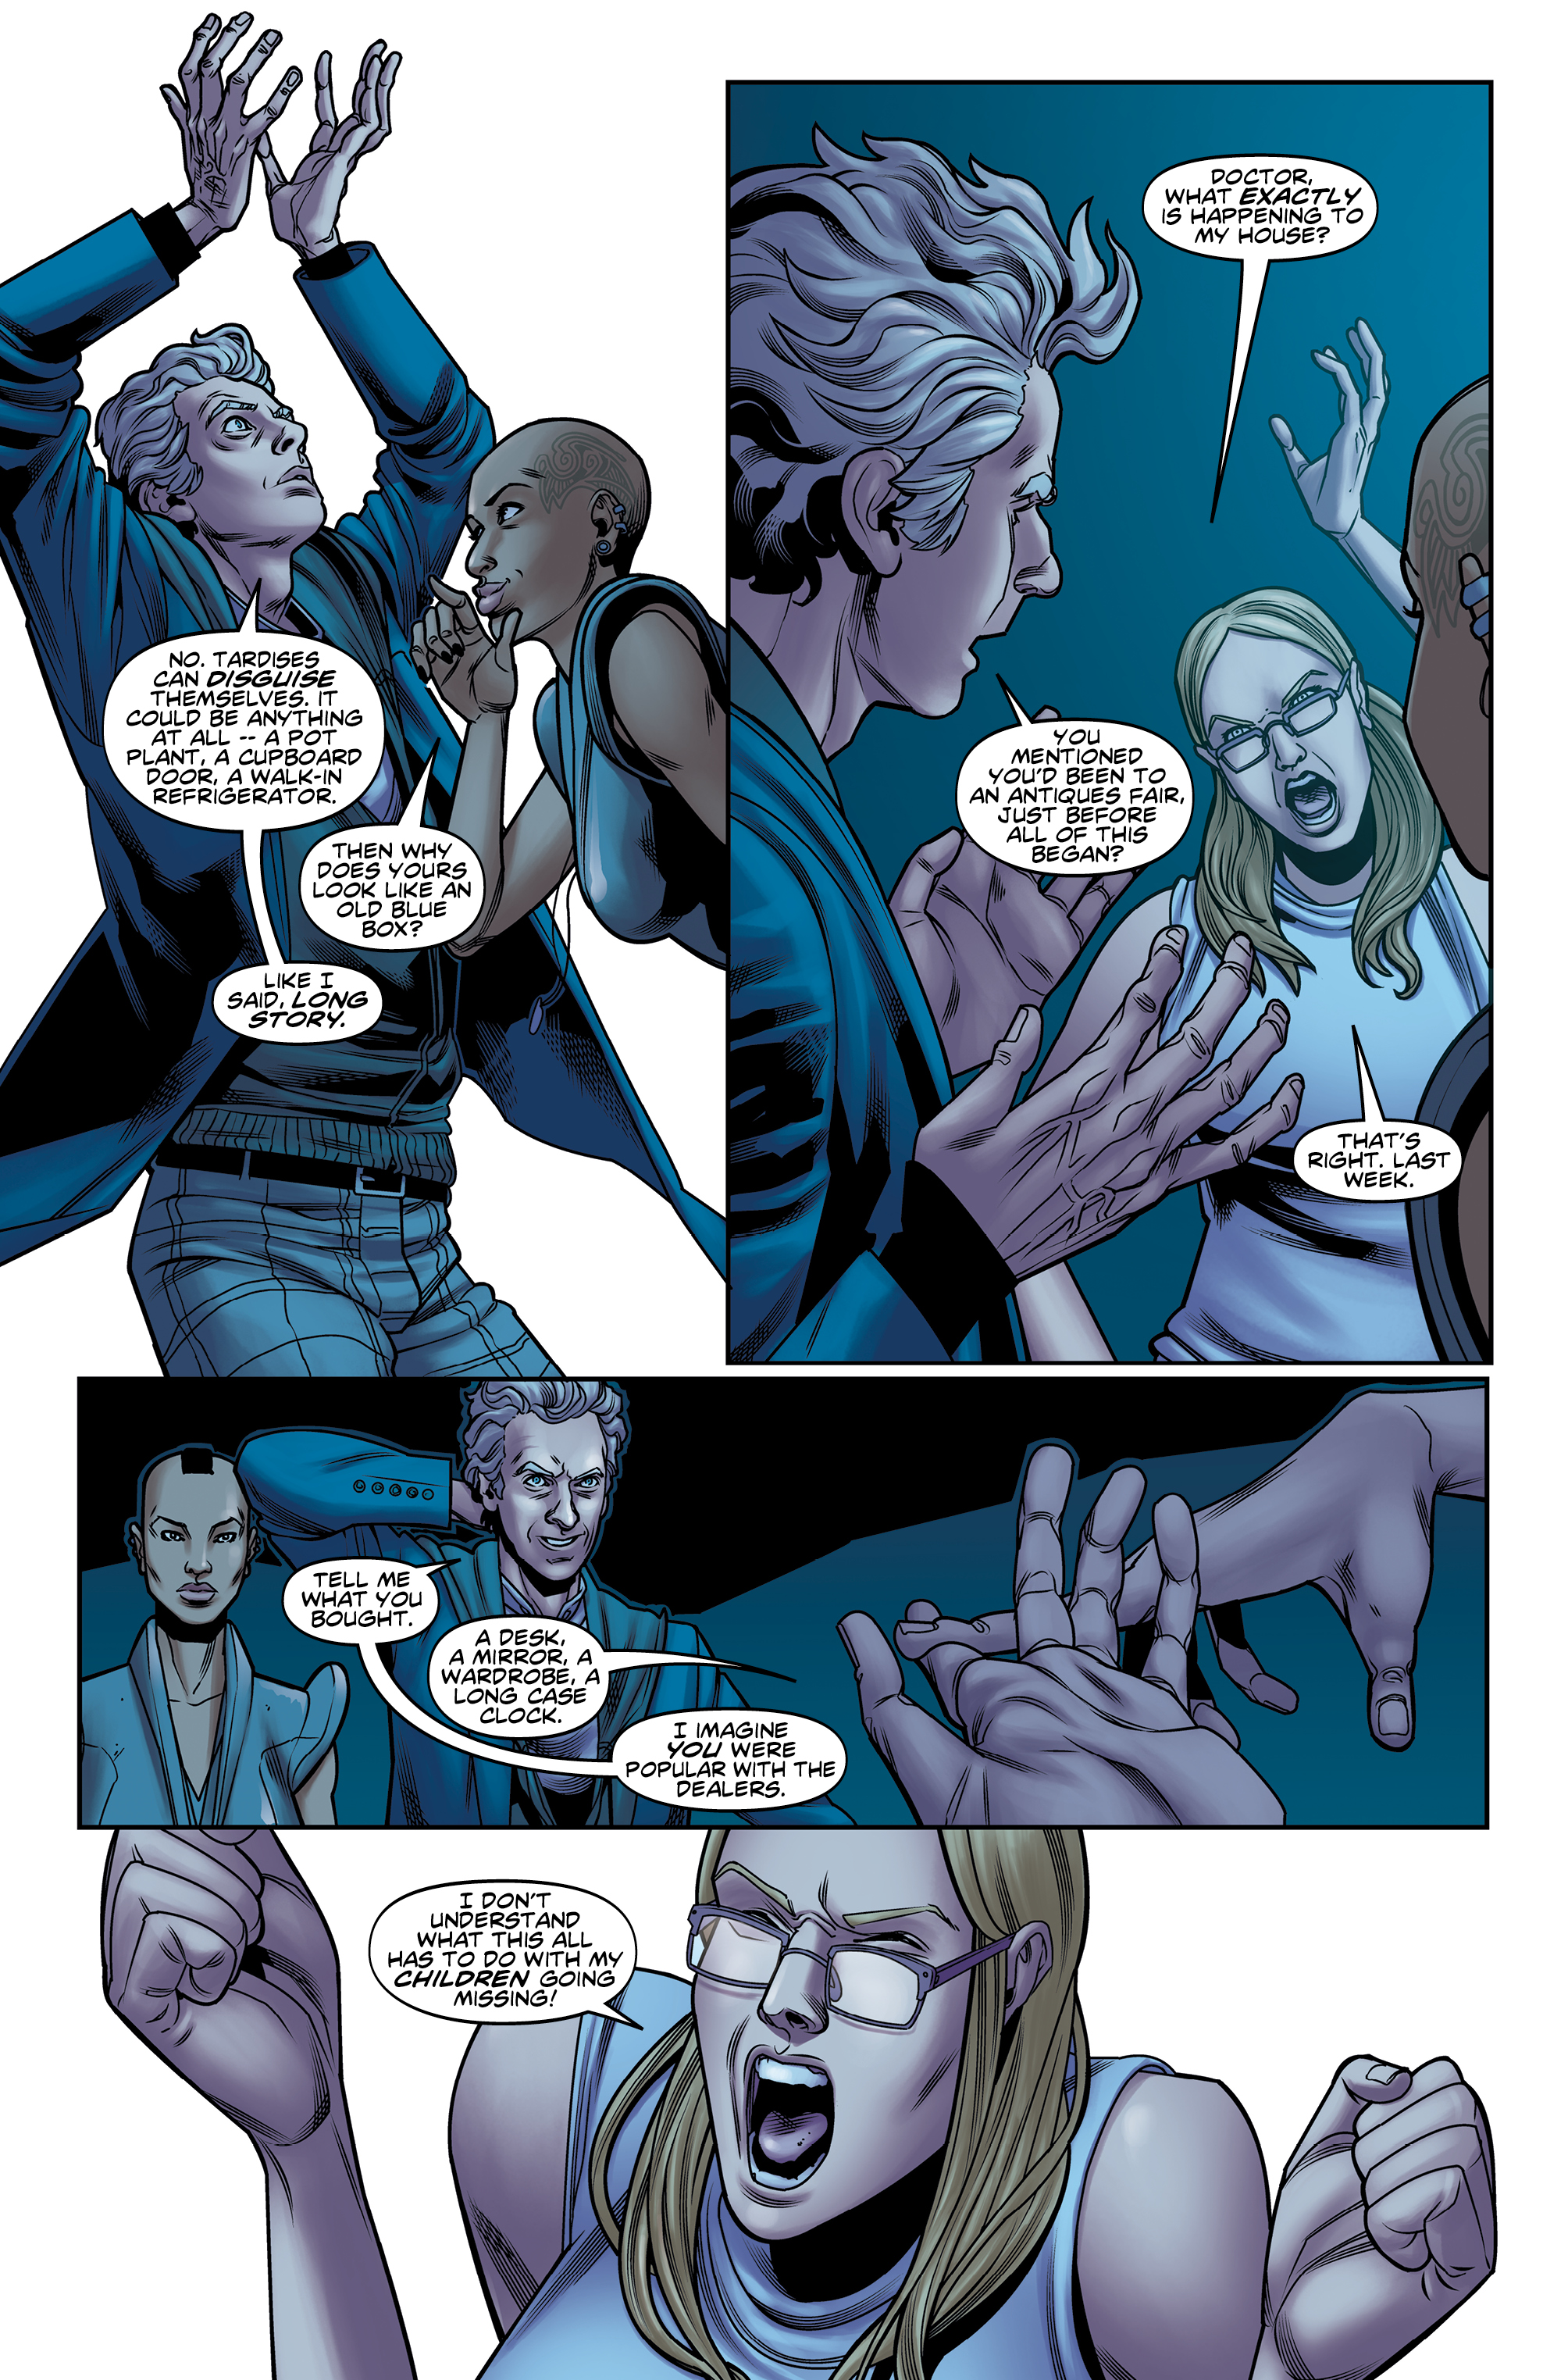 Doctor Who: TWELFTH DOCTOR #2.10(Titan)